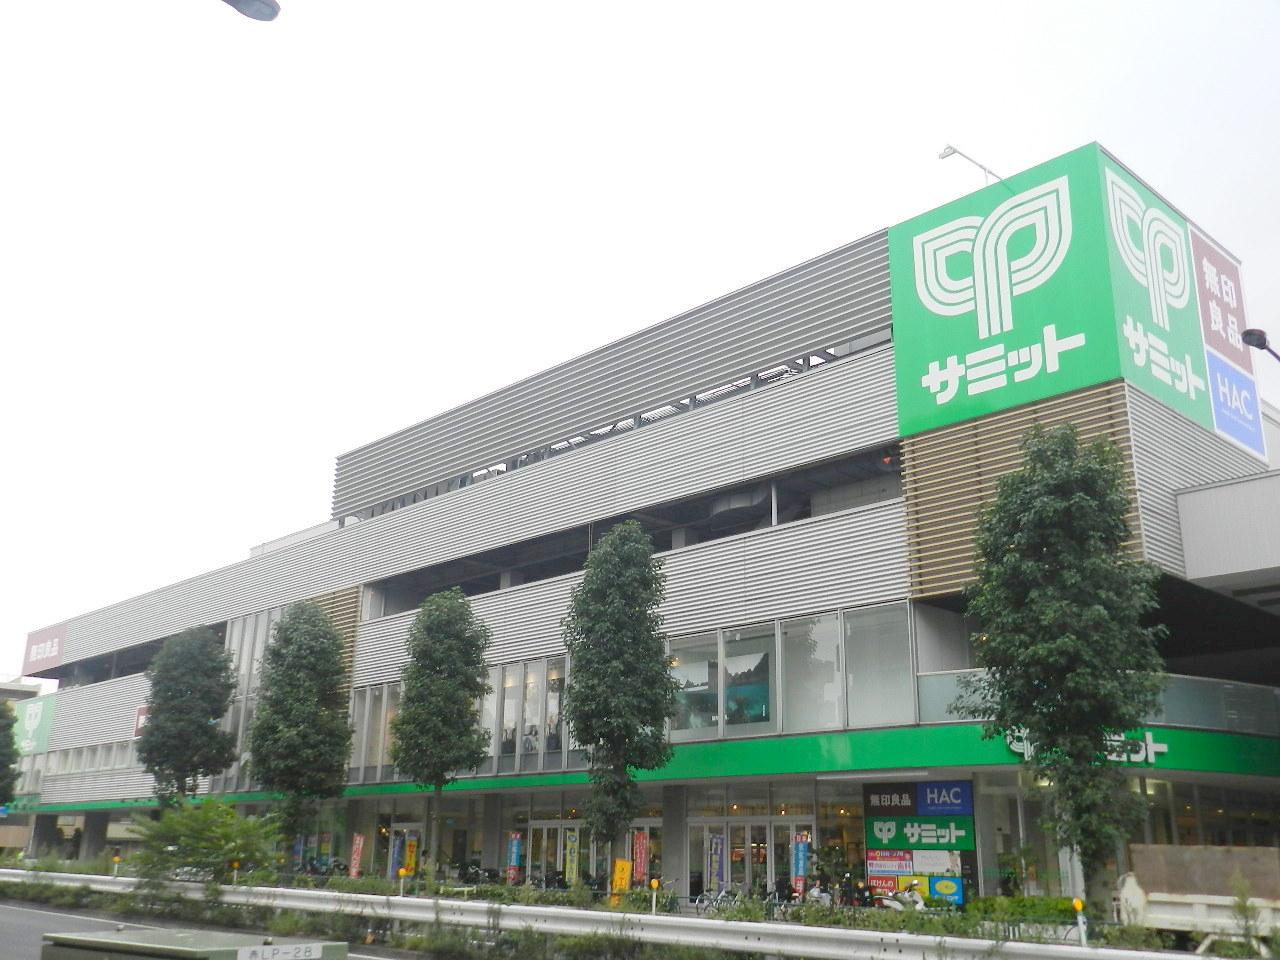 スーパー:サミットストア 砧環八通り店 359m